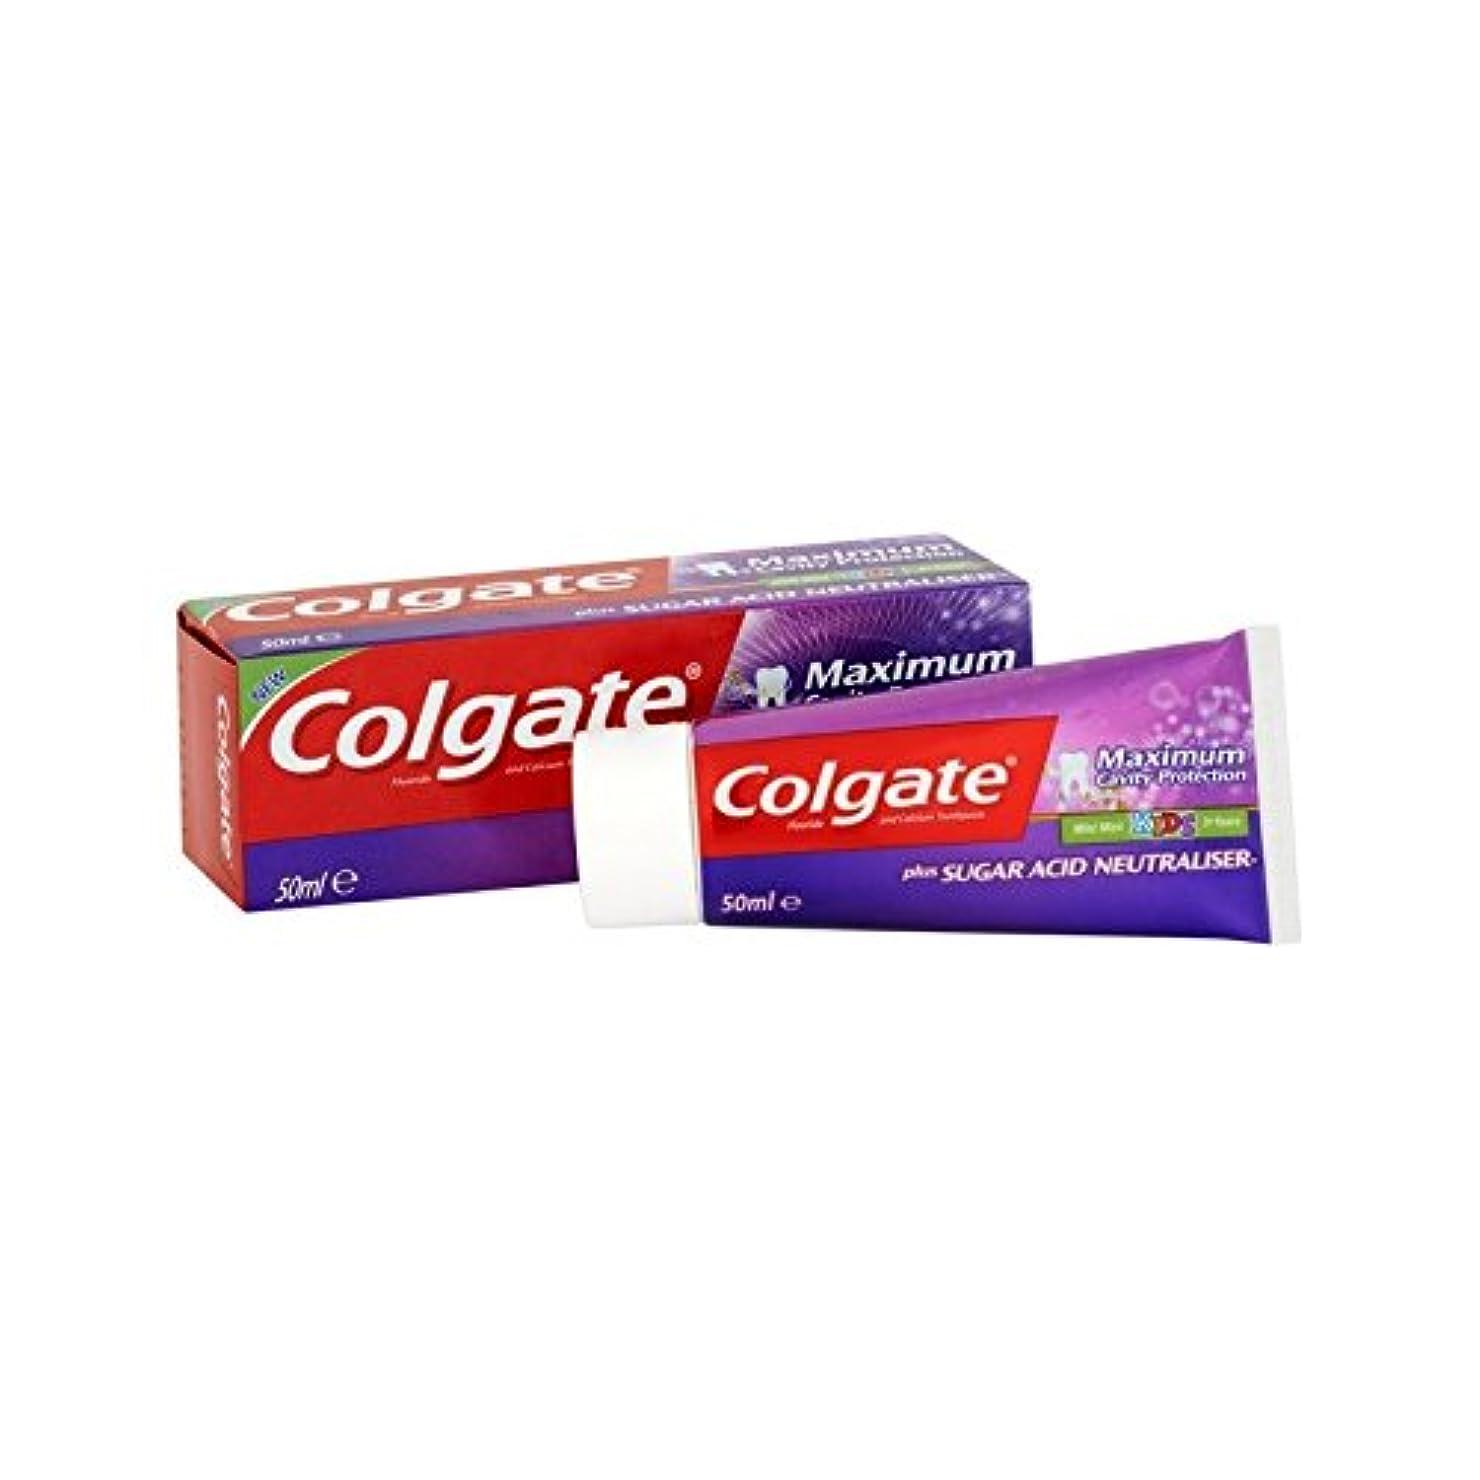 コイル生産的実装する最大空洞の子供の50ミリリットルを保護 (Colgate) (x 6) - Colgate Maximum Cavity Protect Kids 50ml (Pack of 6) [並行輸入品]